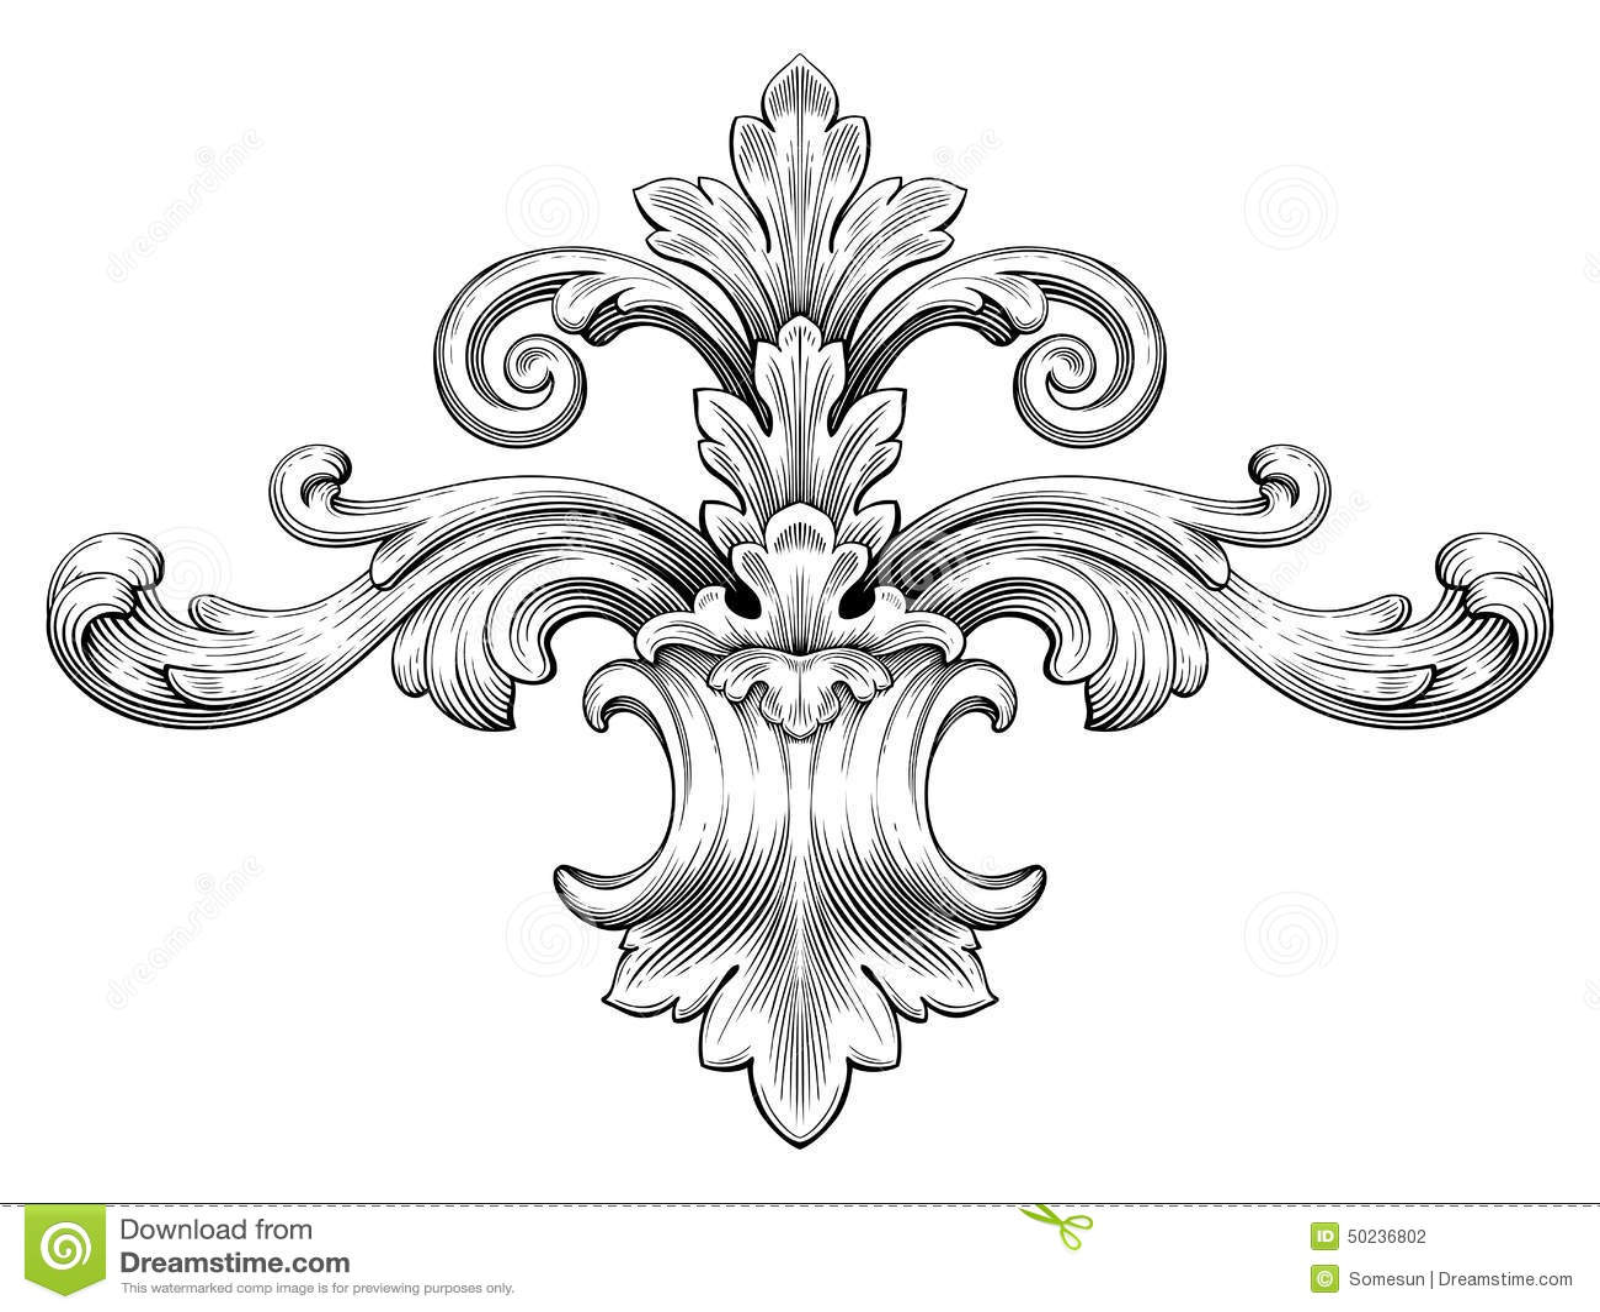 Рисунки в стили барокко